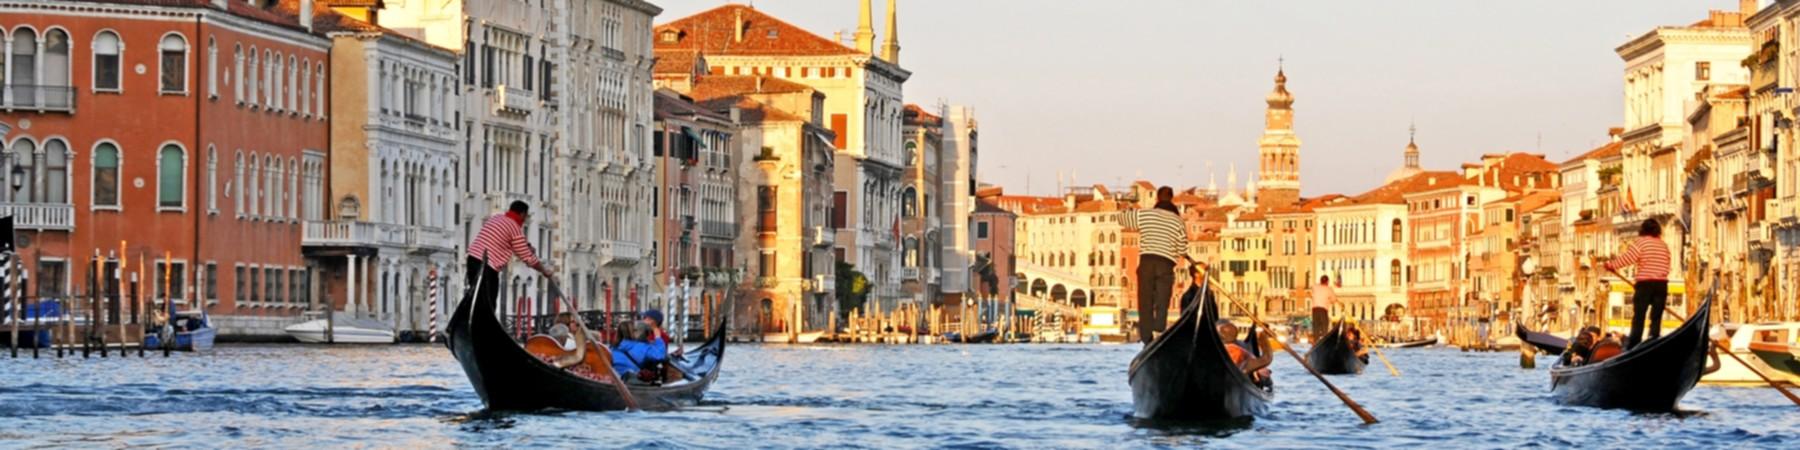 Venice Banner.jpg